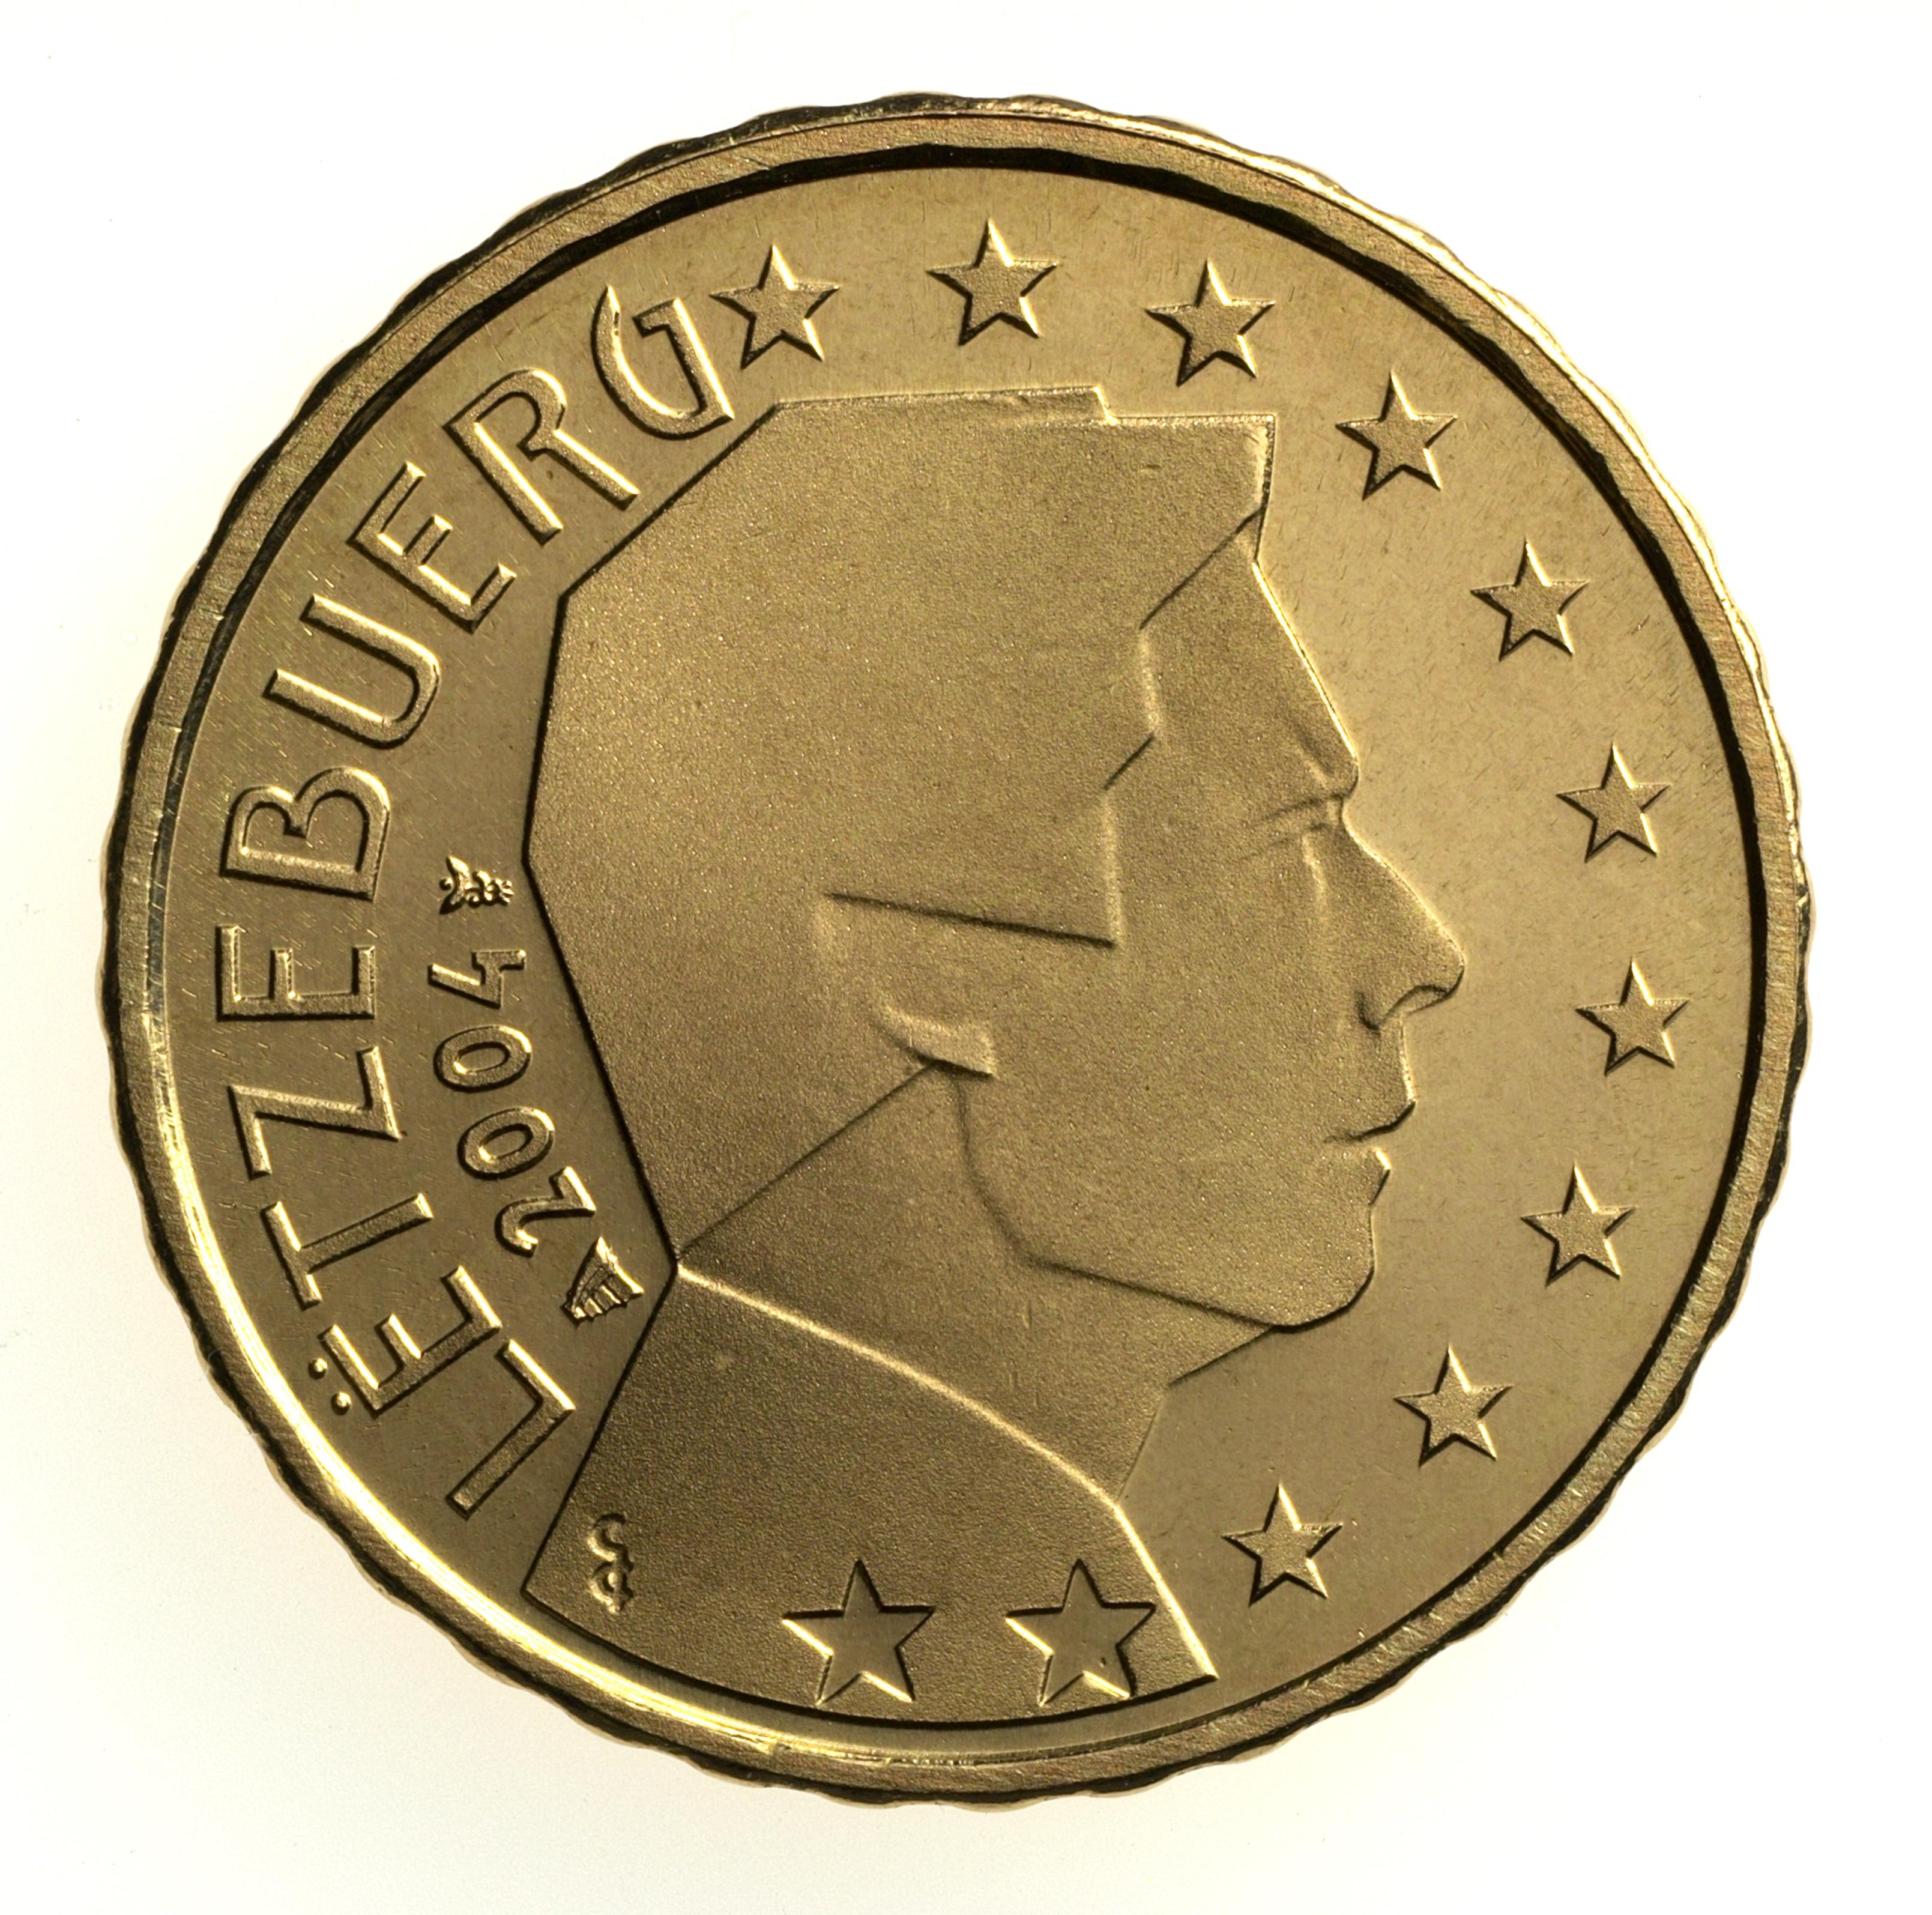 Banque centrale du luxembourg les pi ces en euros luxembourgeoises - Coupe a 10 euros grenoble ...